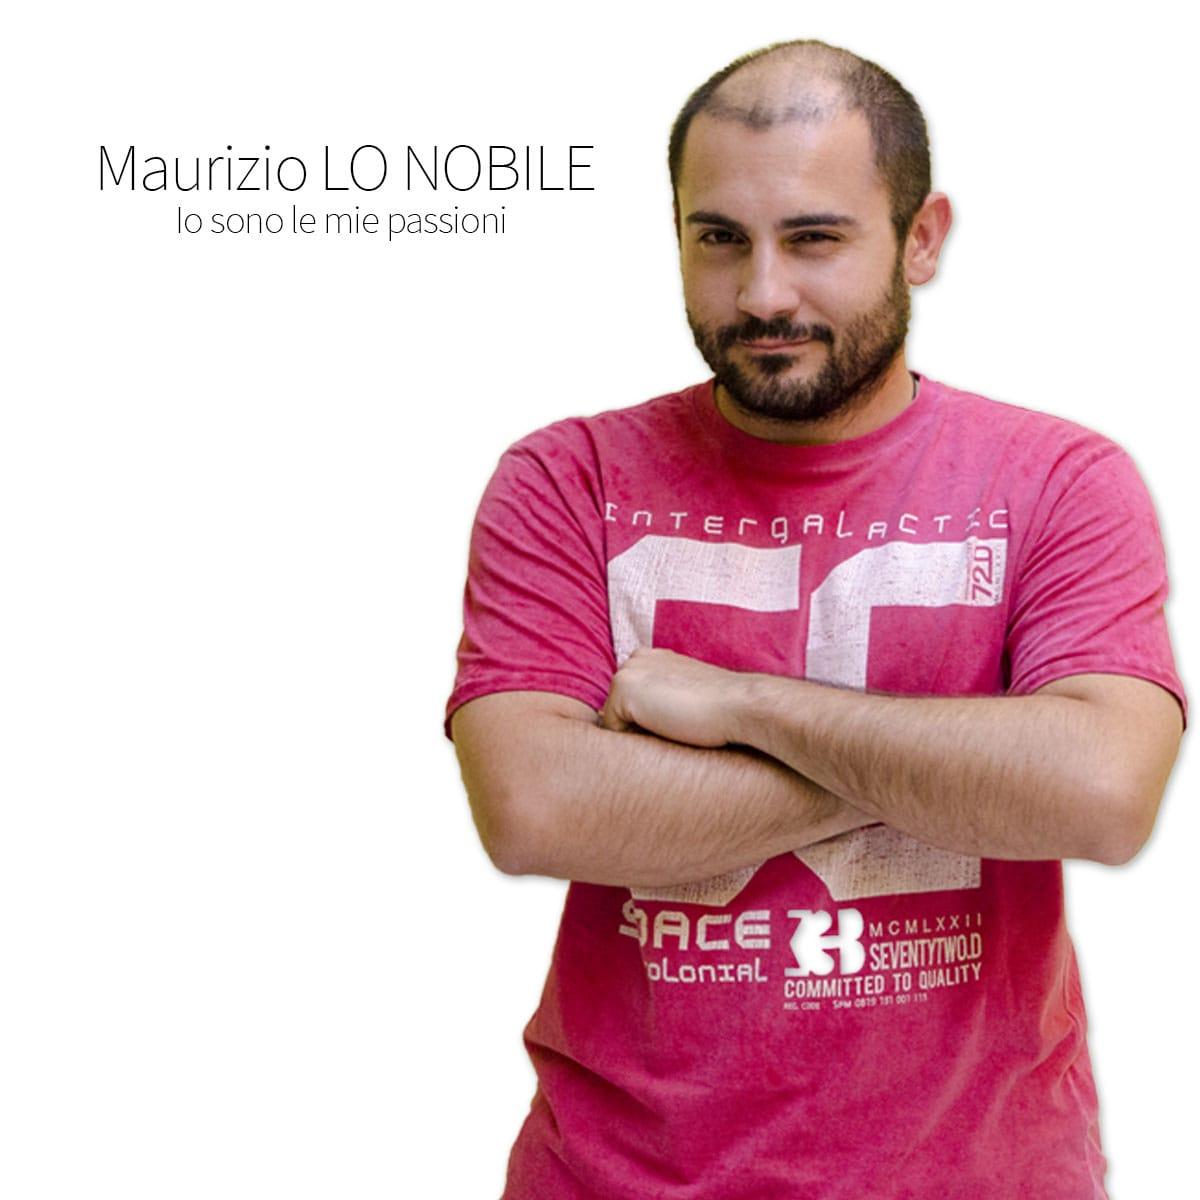 Ciao, sono Maurizio LO NOBILE